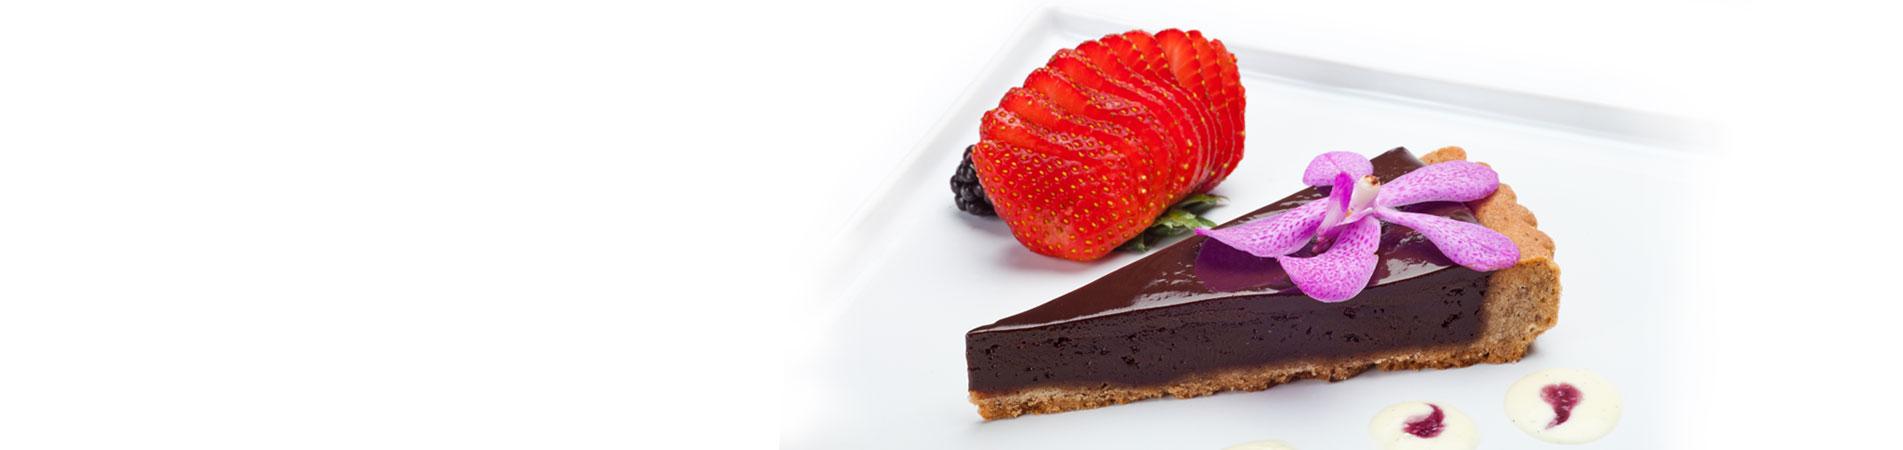 dessert-slider3